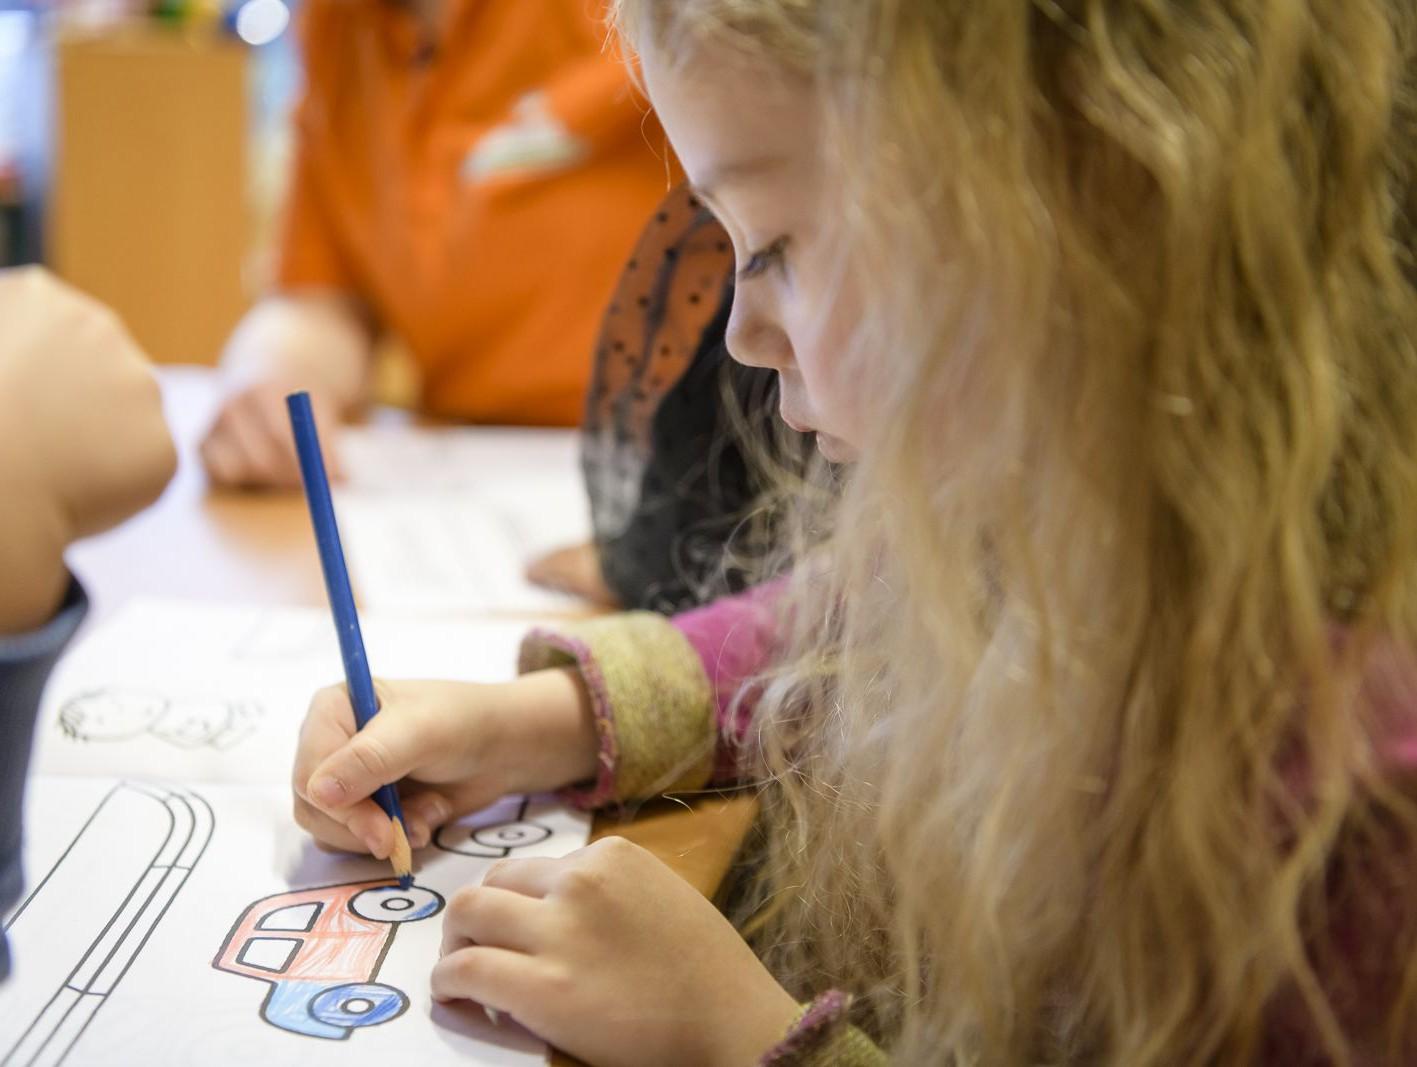 Verkeersles of verkeerseducatie voor peuters en kleuters met Dick Bruna van nijntje lesprogramma tekeningen in lespakket waar kinderen leren over verkeer door spelenderwijs spelletjes kleurplaten te memory te spelen verkeersborden leren verkeersregels